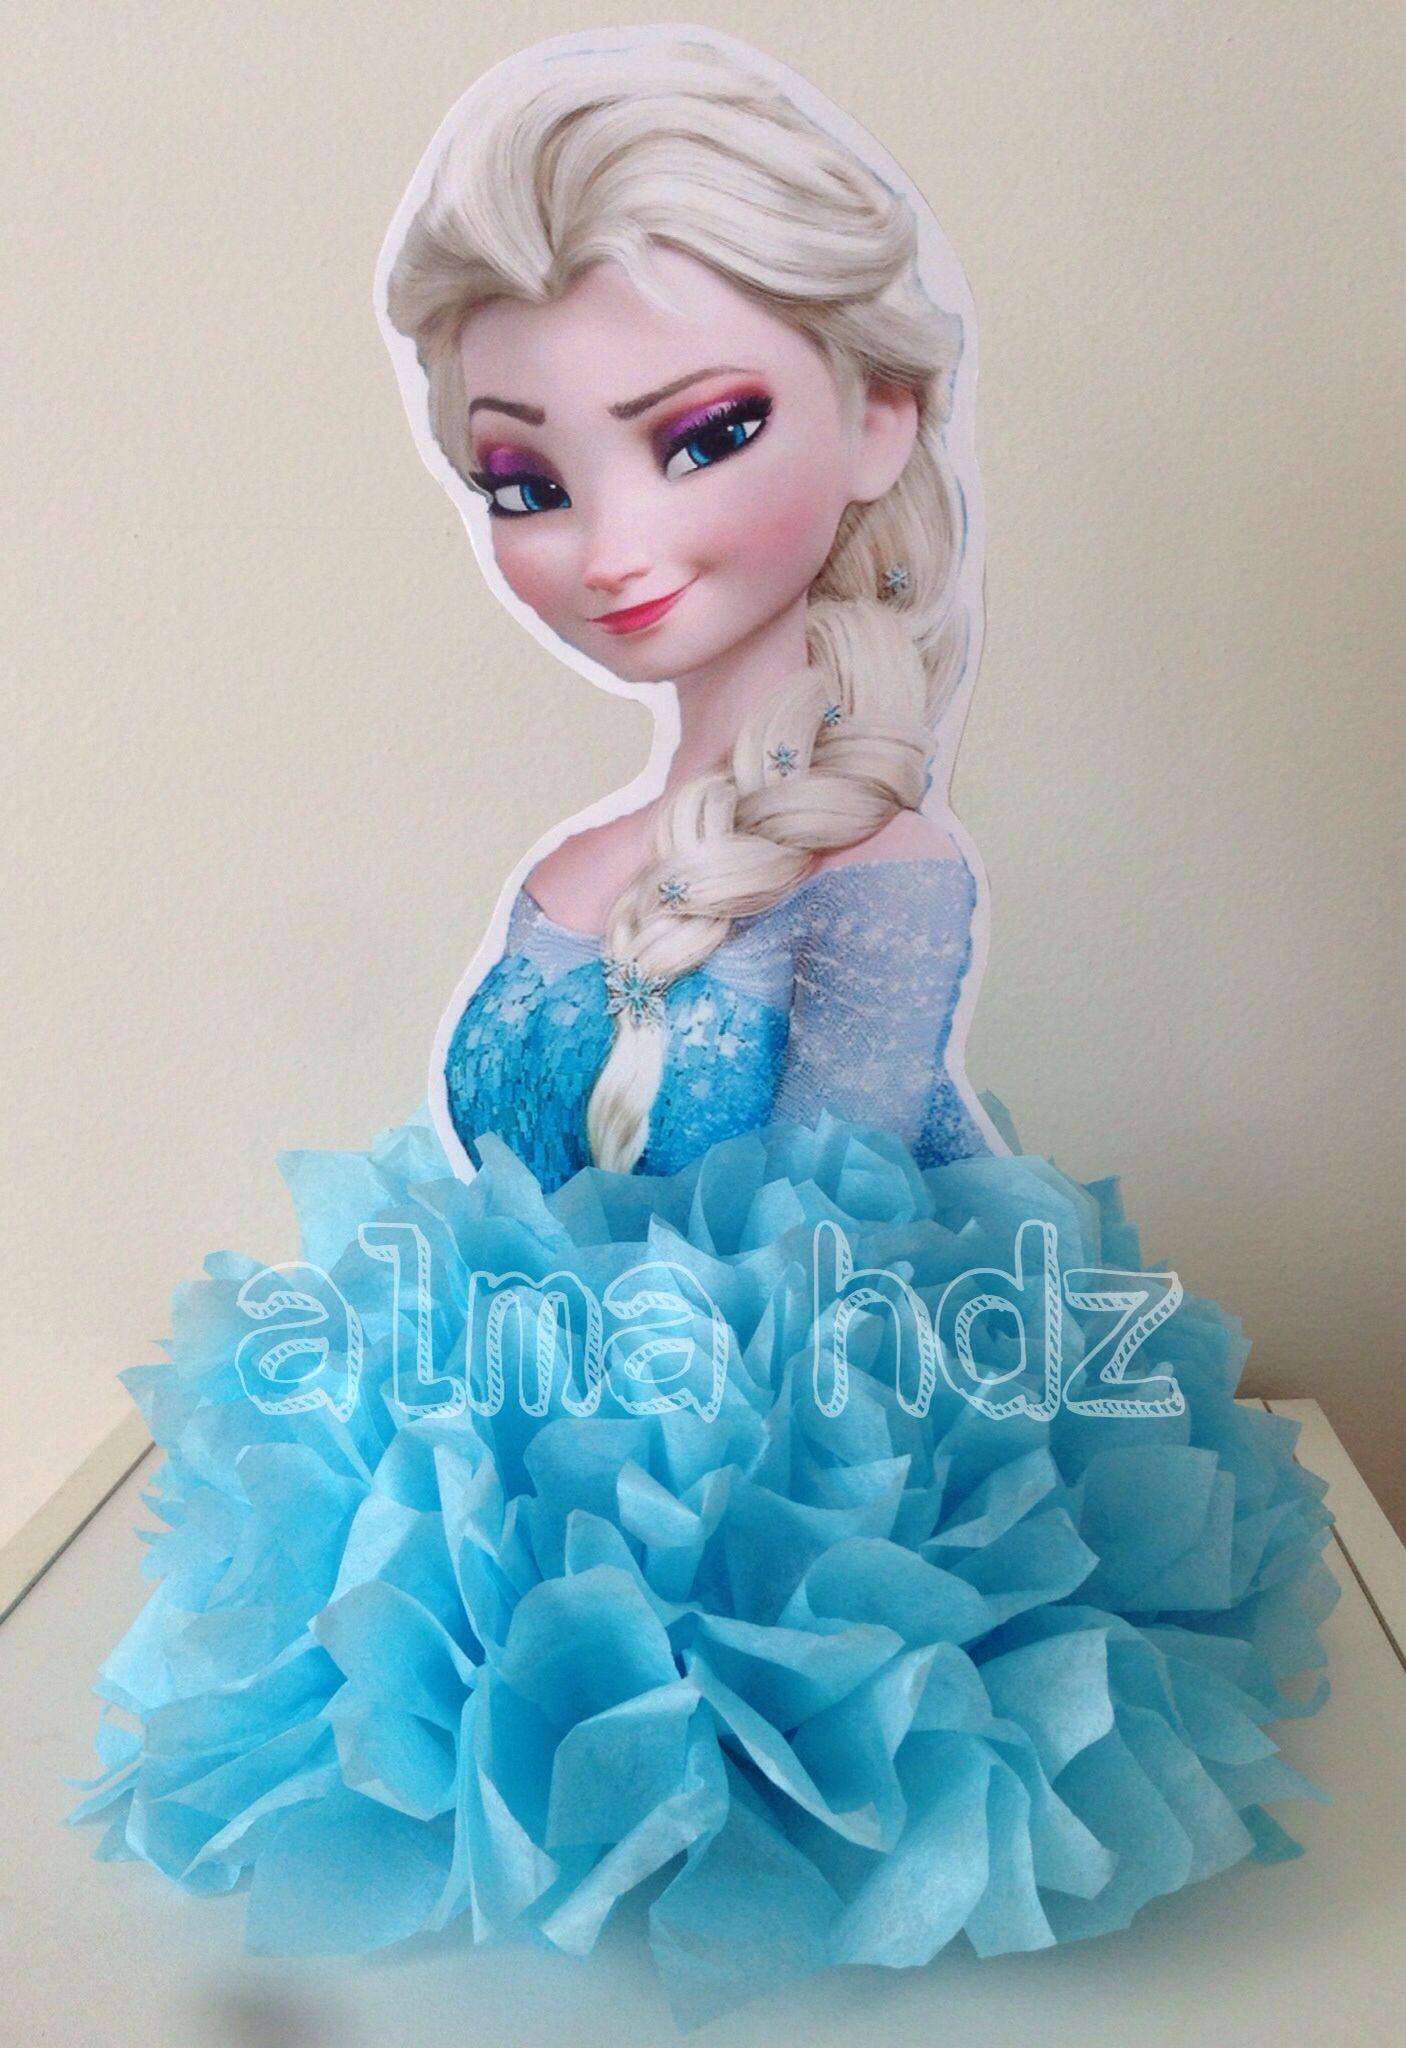 Frozen Centerpiece Frozen Centro De Mesa Disney Frozen Party Frozen Bday Party Frozen Centerpieces